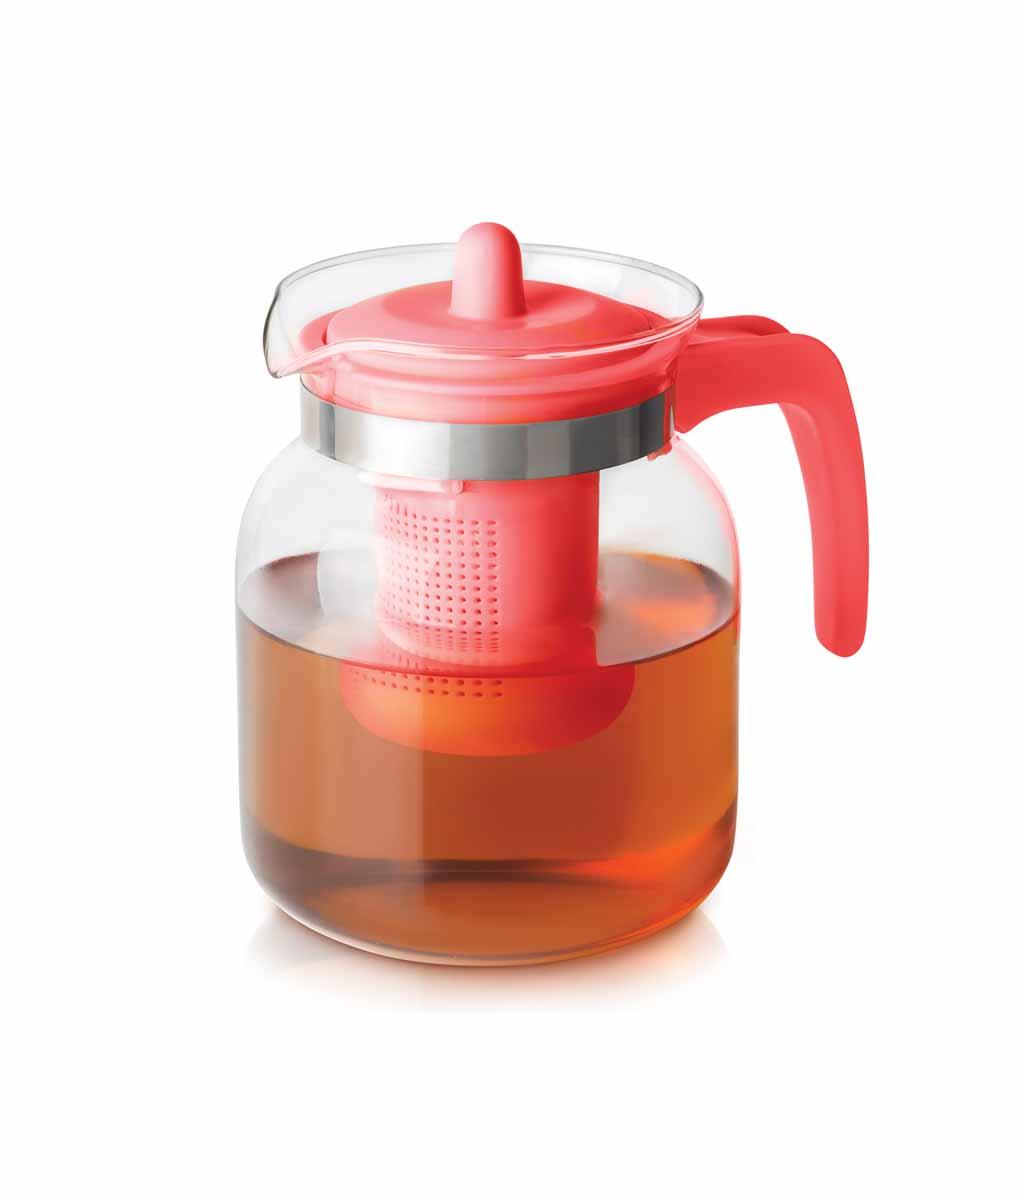 """Чайник-кувшин Menu """"Чабрец"""" изготовлен из прочного стекла, которое выдерживает температуру до 100°C. Он прекрасно подойдет для заваривания чая и травяных настоев. Классический стиль и оптимальный объем делают чайник удобным и оригинальным аксессуаром, который прекрасно подойдет для ежедневного использования. Ручка изделия выполнена из пищевого пластика, она не нагревается и обеспечивает безопасность использования. Благодаря съемному ситечку и оптимальной форме колбы, чайник- кувшин Menu """"Чабрец"""" идеально подходит для использования его в качестве кувшина для воды и прохладительных напитков. Диаметр чайника по верхнему краю: 10,3 см. Общий диаметр чайника: 11 см. Высота чайника (без учета ручки и крышки): 15,6 см. Высота чайника (с учетом ручки и крышки): 17 см."""